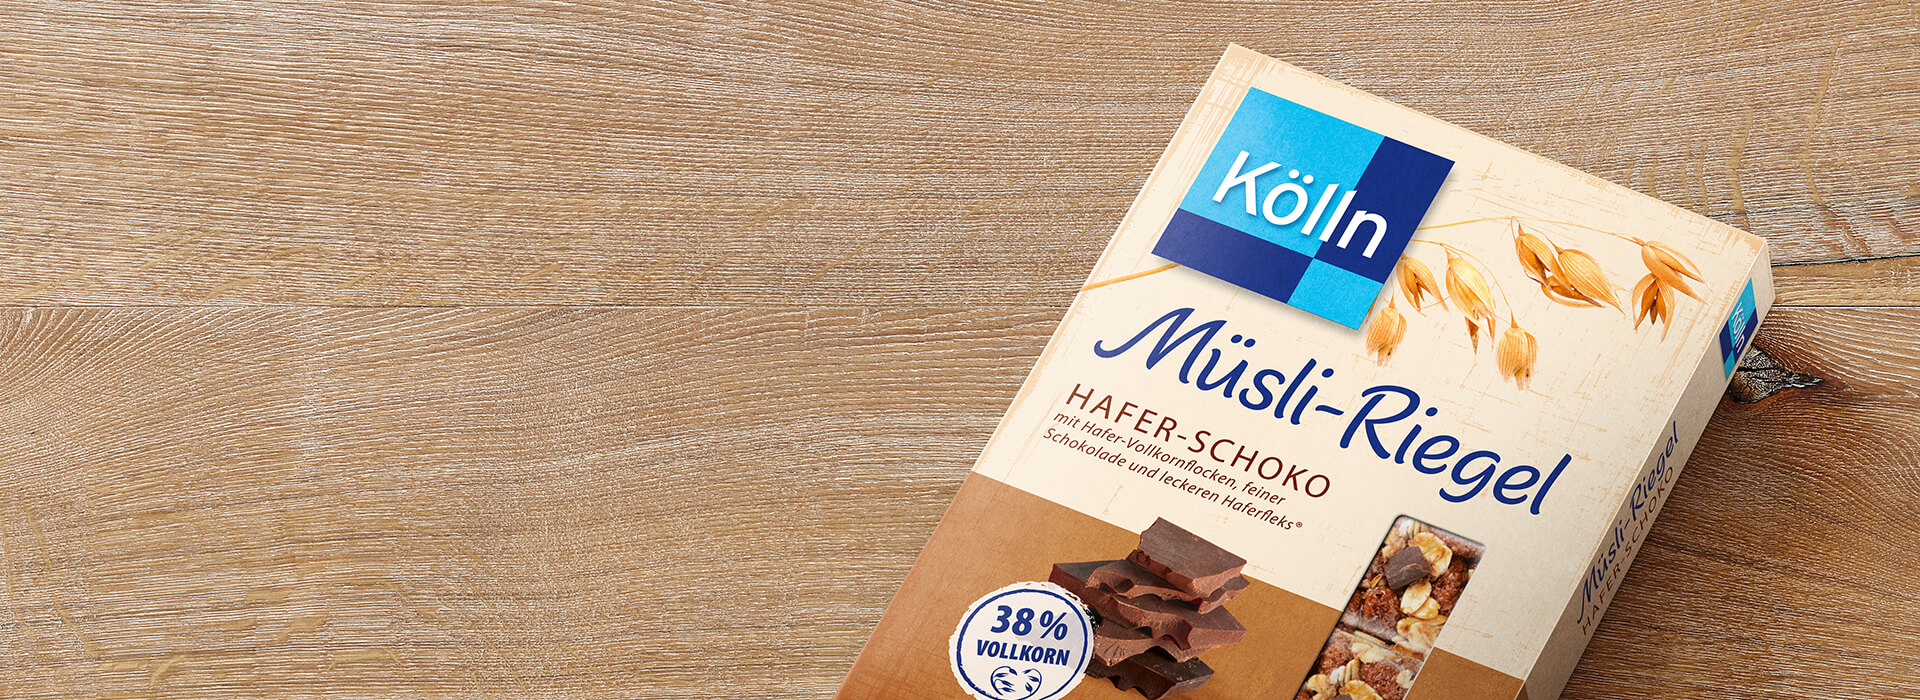 Müsliriegel Hafer-Schoko